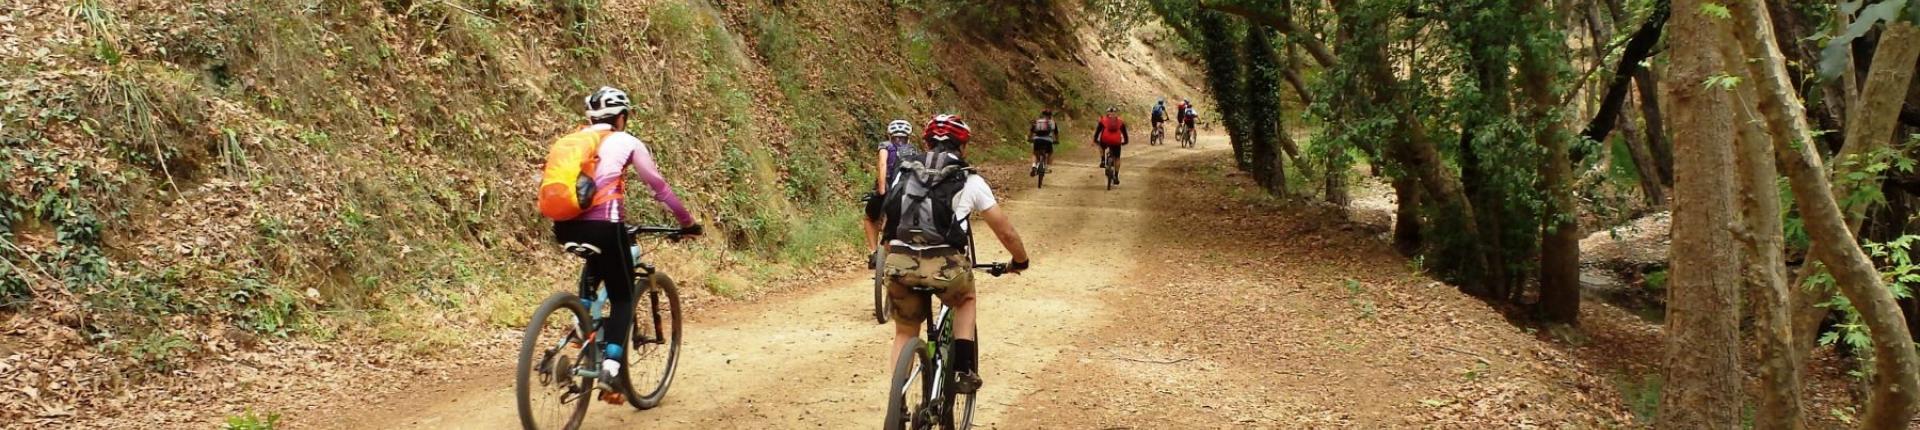 טיול אופניים בקפריסין: טיול שטח מודרך בהרי הטרודוס